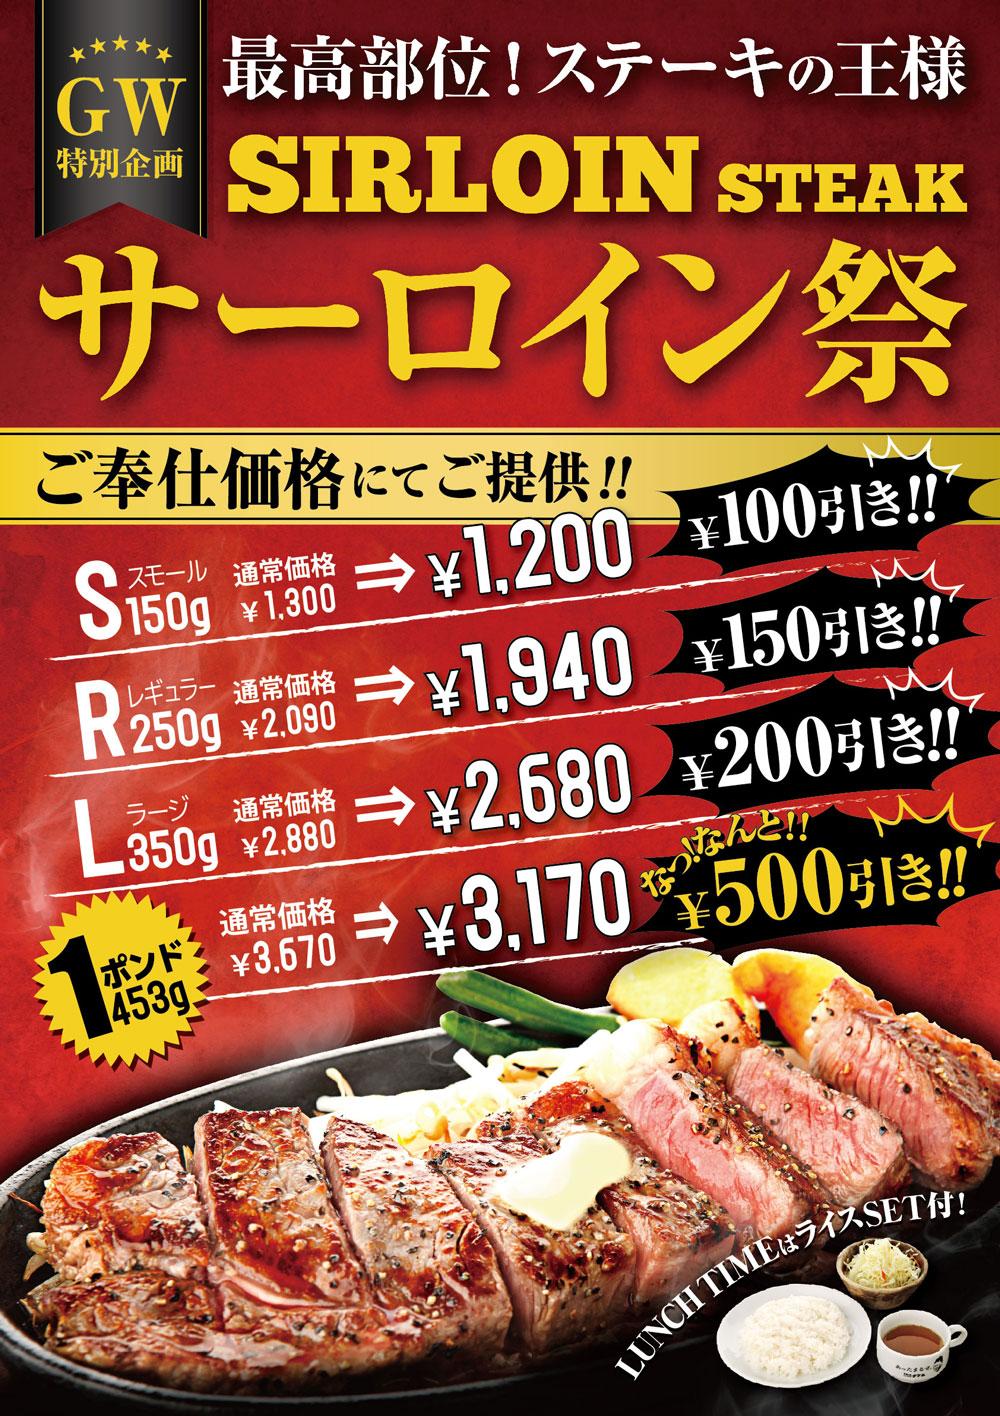 東京サーロインステーキ祭